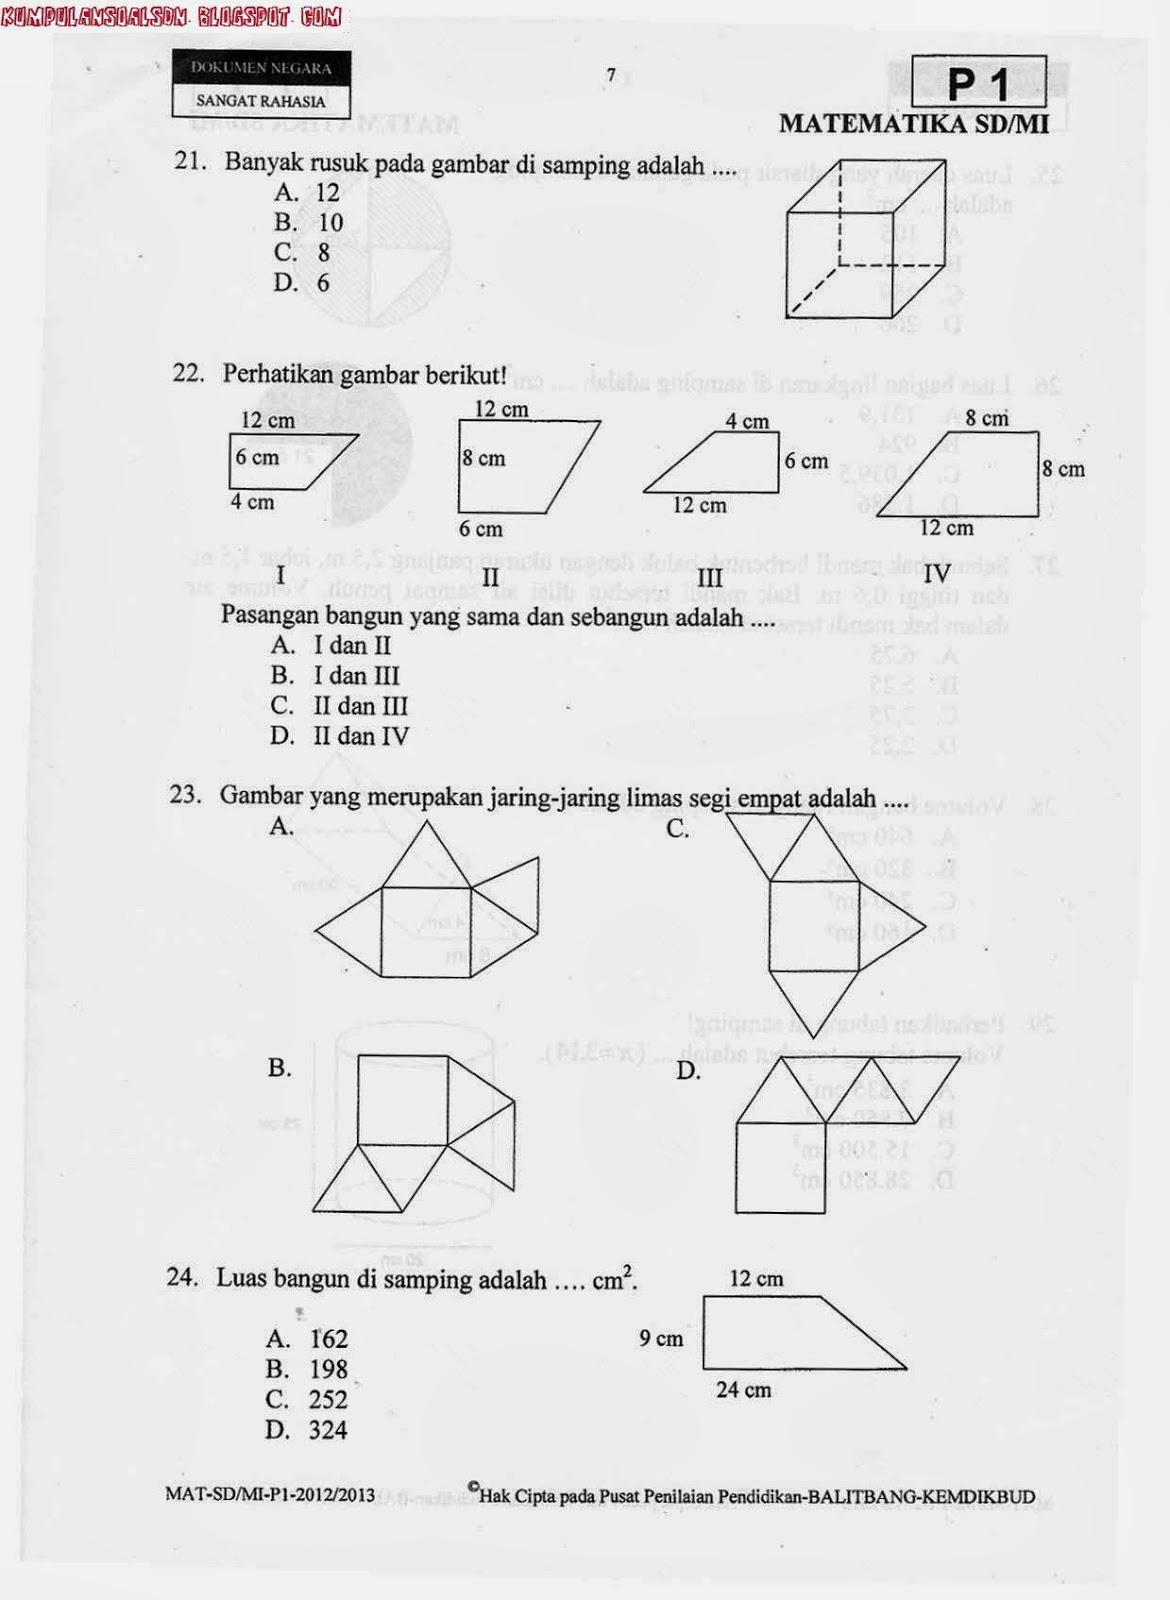 Soal Un Utama Matematika Kelas 6 Sd Ta 2012 2013 Kumpulan Soal Sd